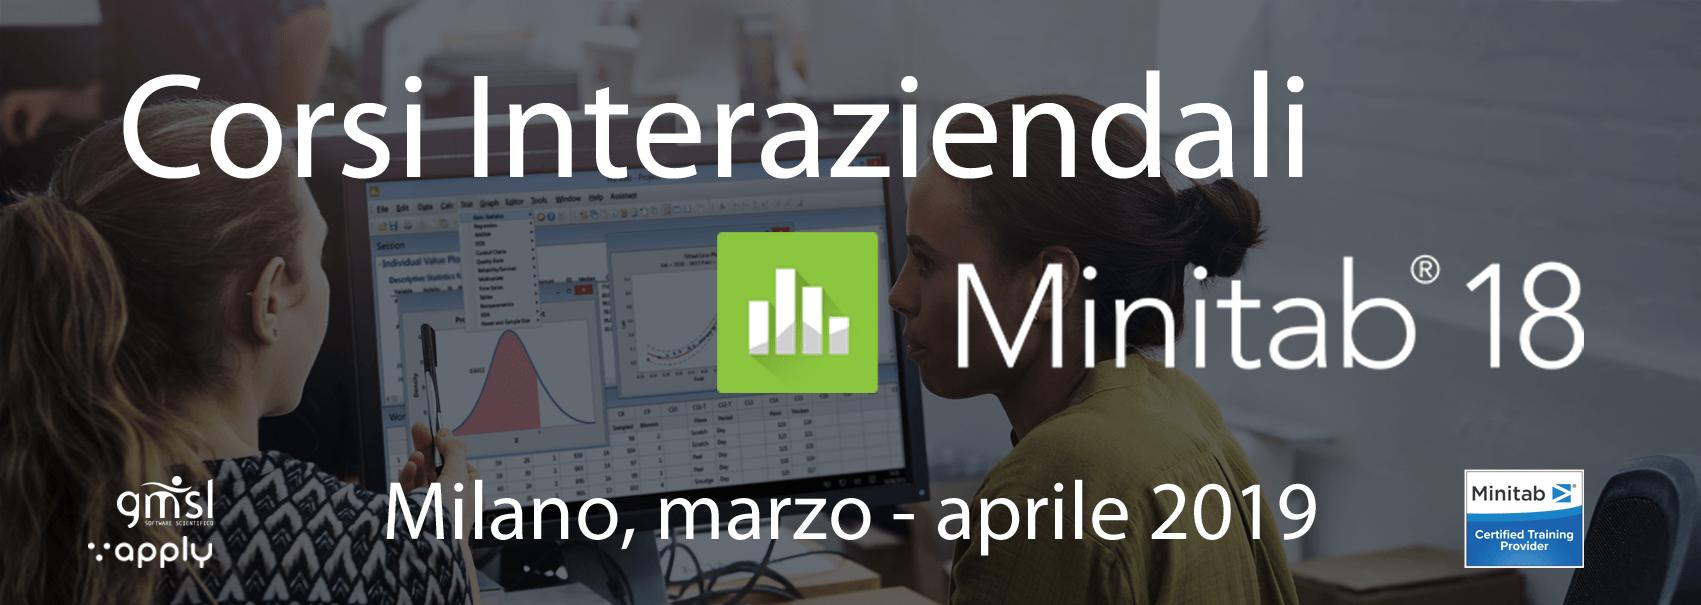 Corsi-Minitab_MI_03_2019 Minitab | Corsi Interaziendali